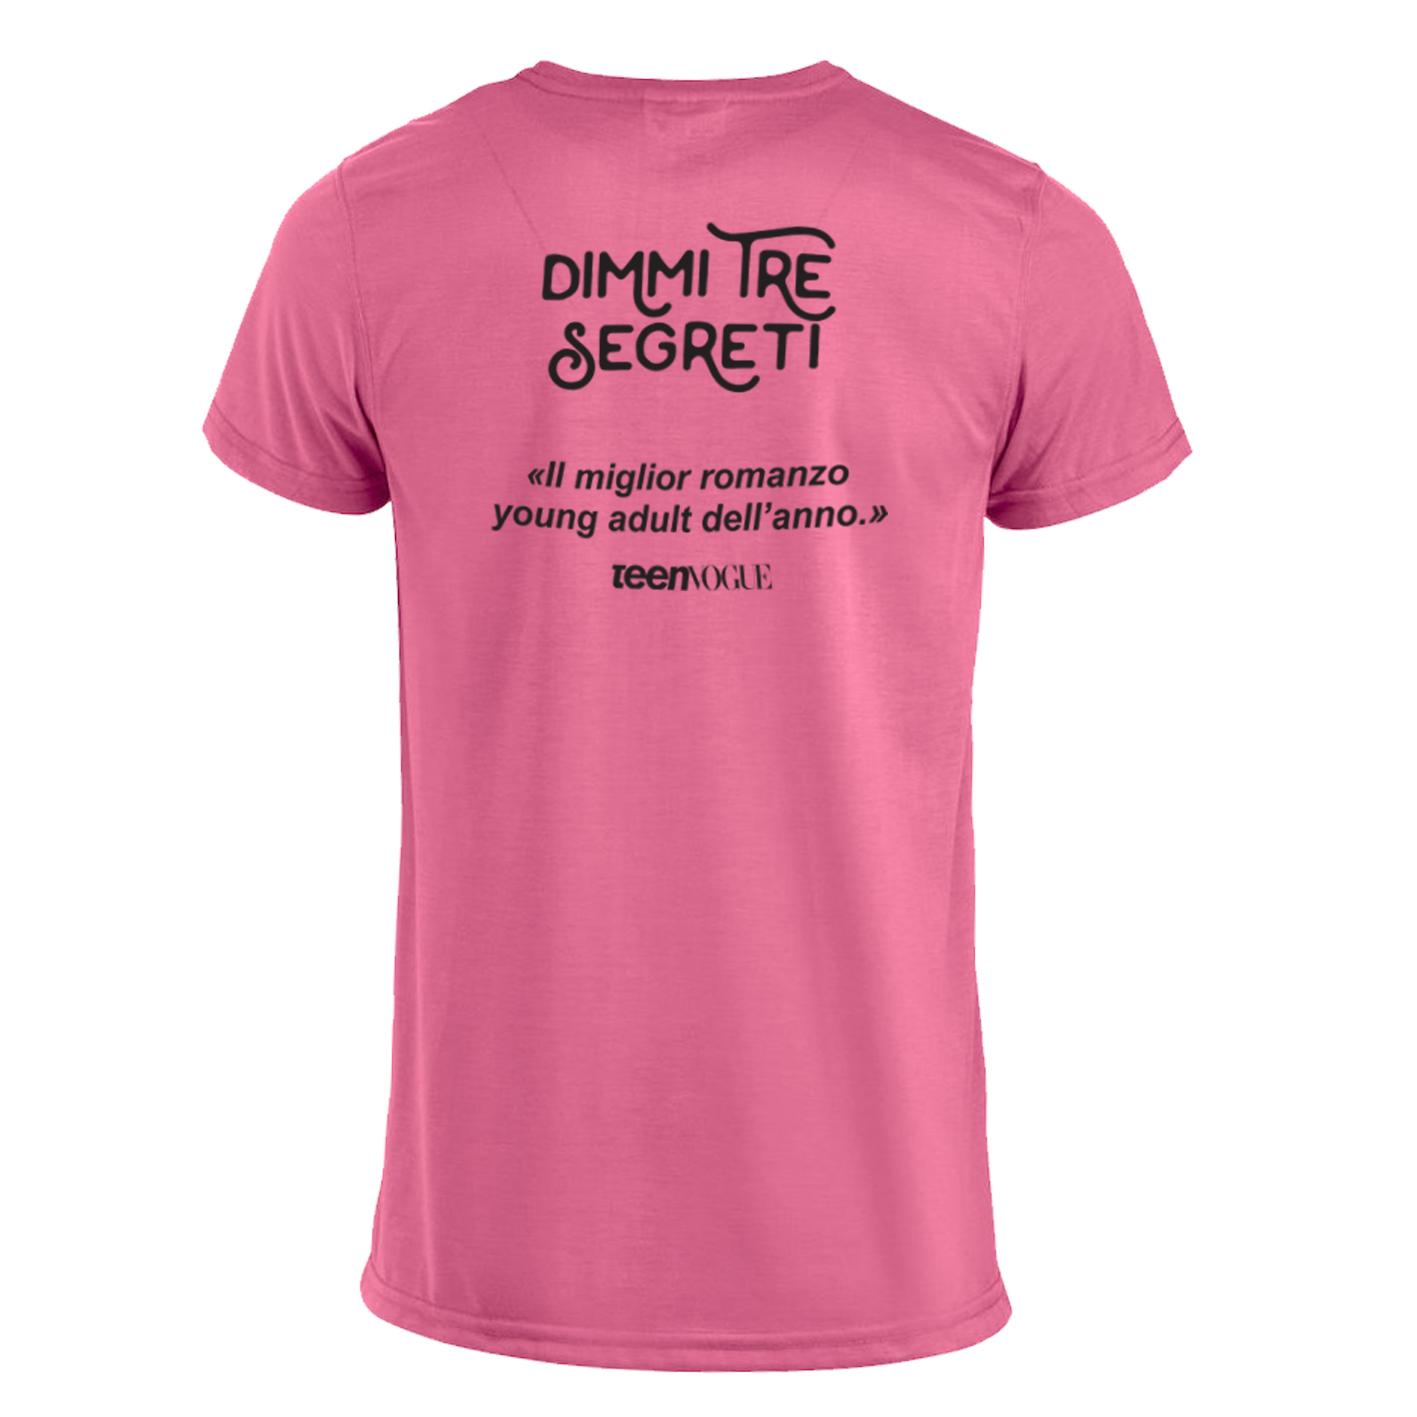 T-shirt-Dimmi3segreti-DeAgostini